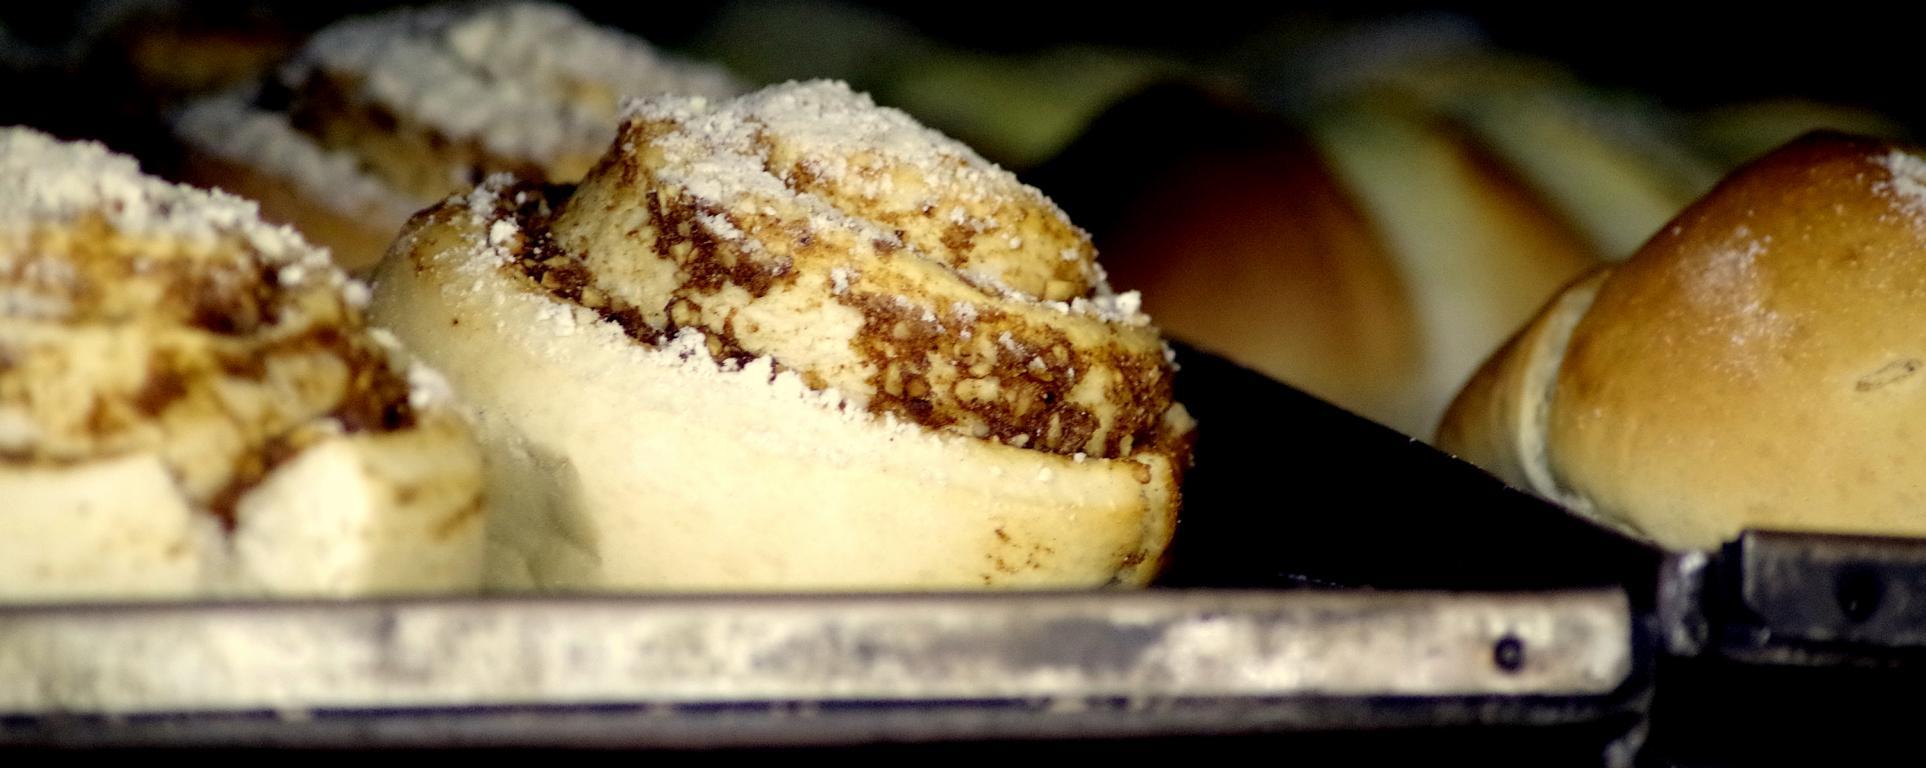 Nußschnecke, auf einem Heißen Blech im geöffnetem Holzofen